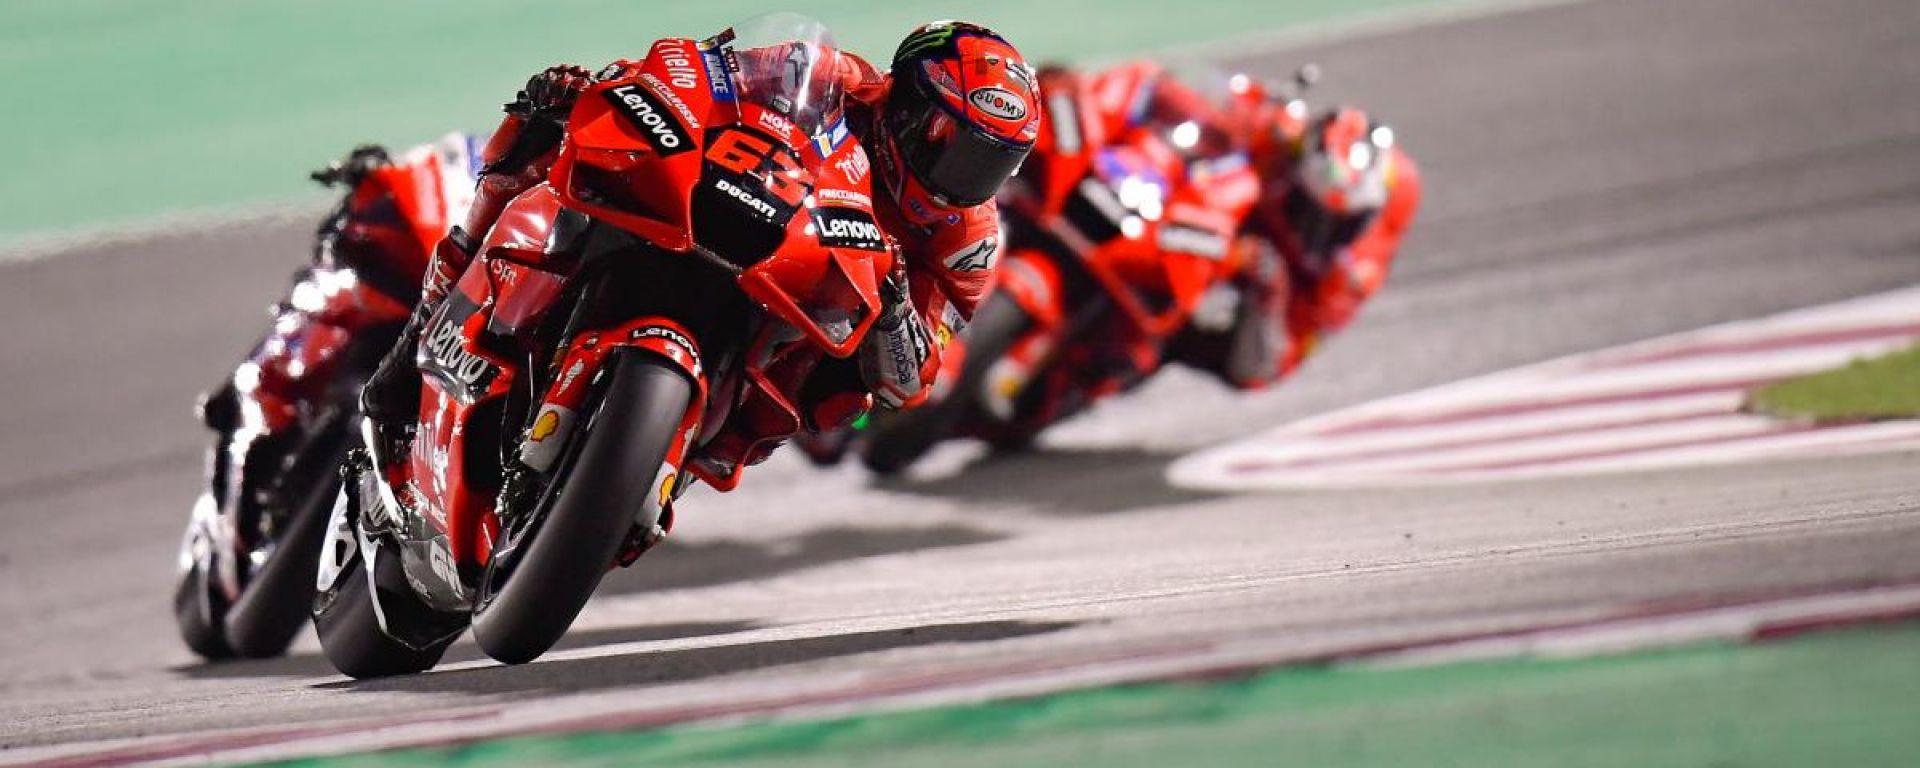 Pecco Bagnaia (Ducati) guida la marea rossa nel GP Qatar 2021